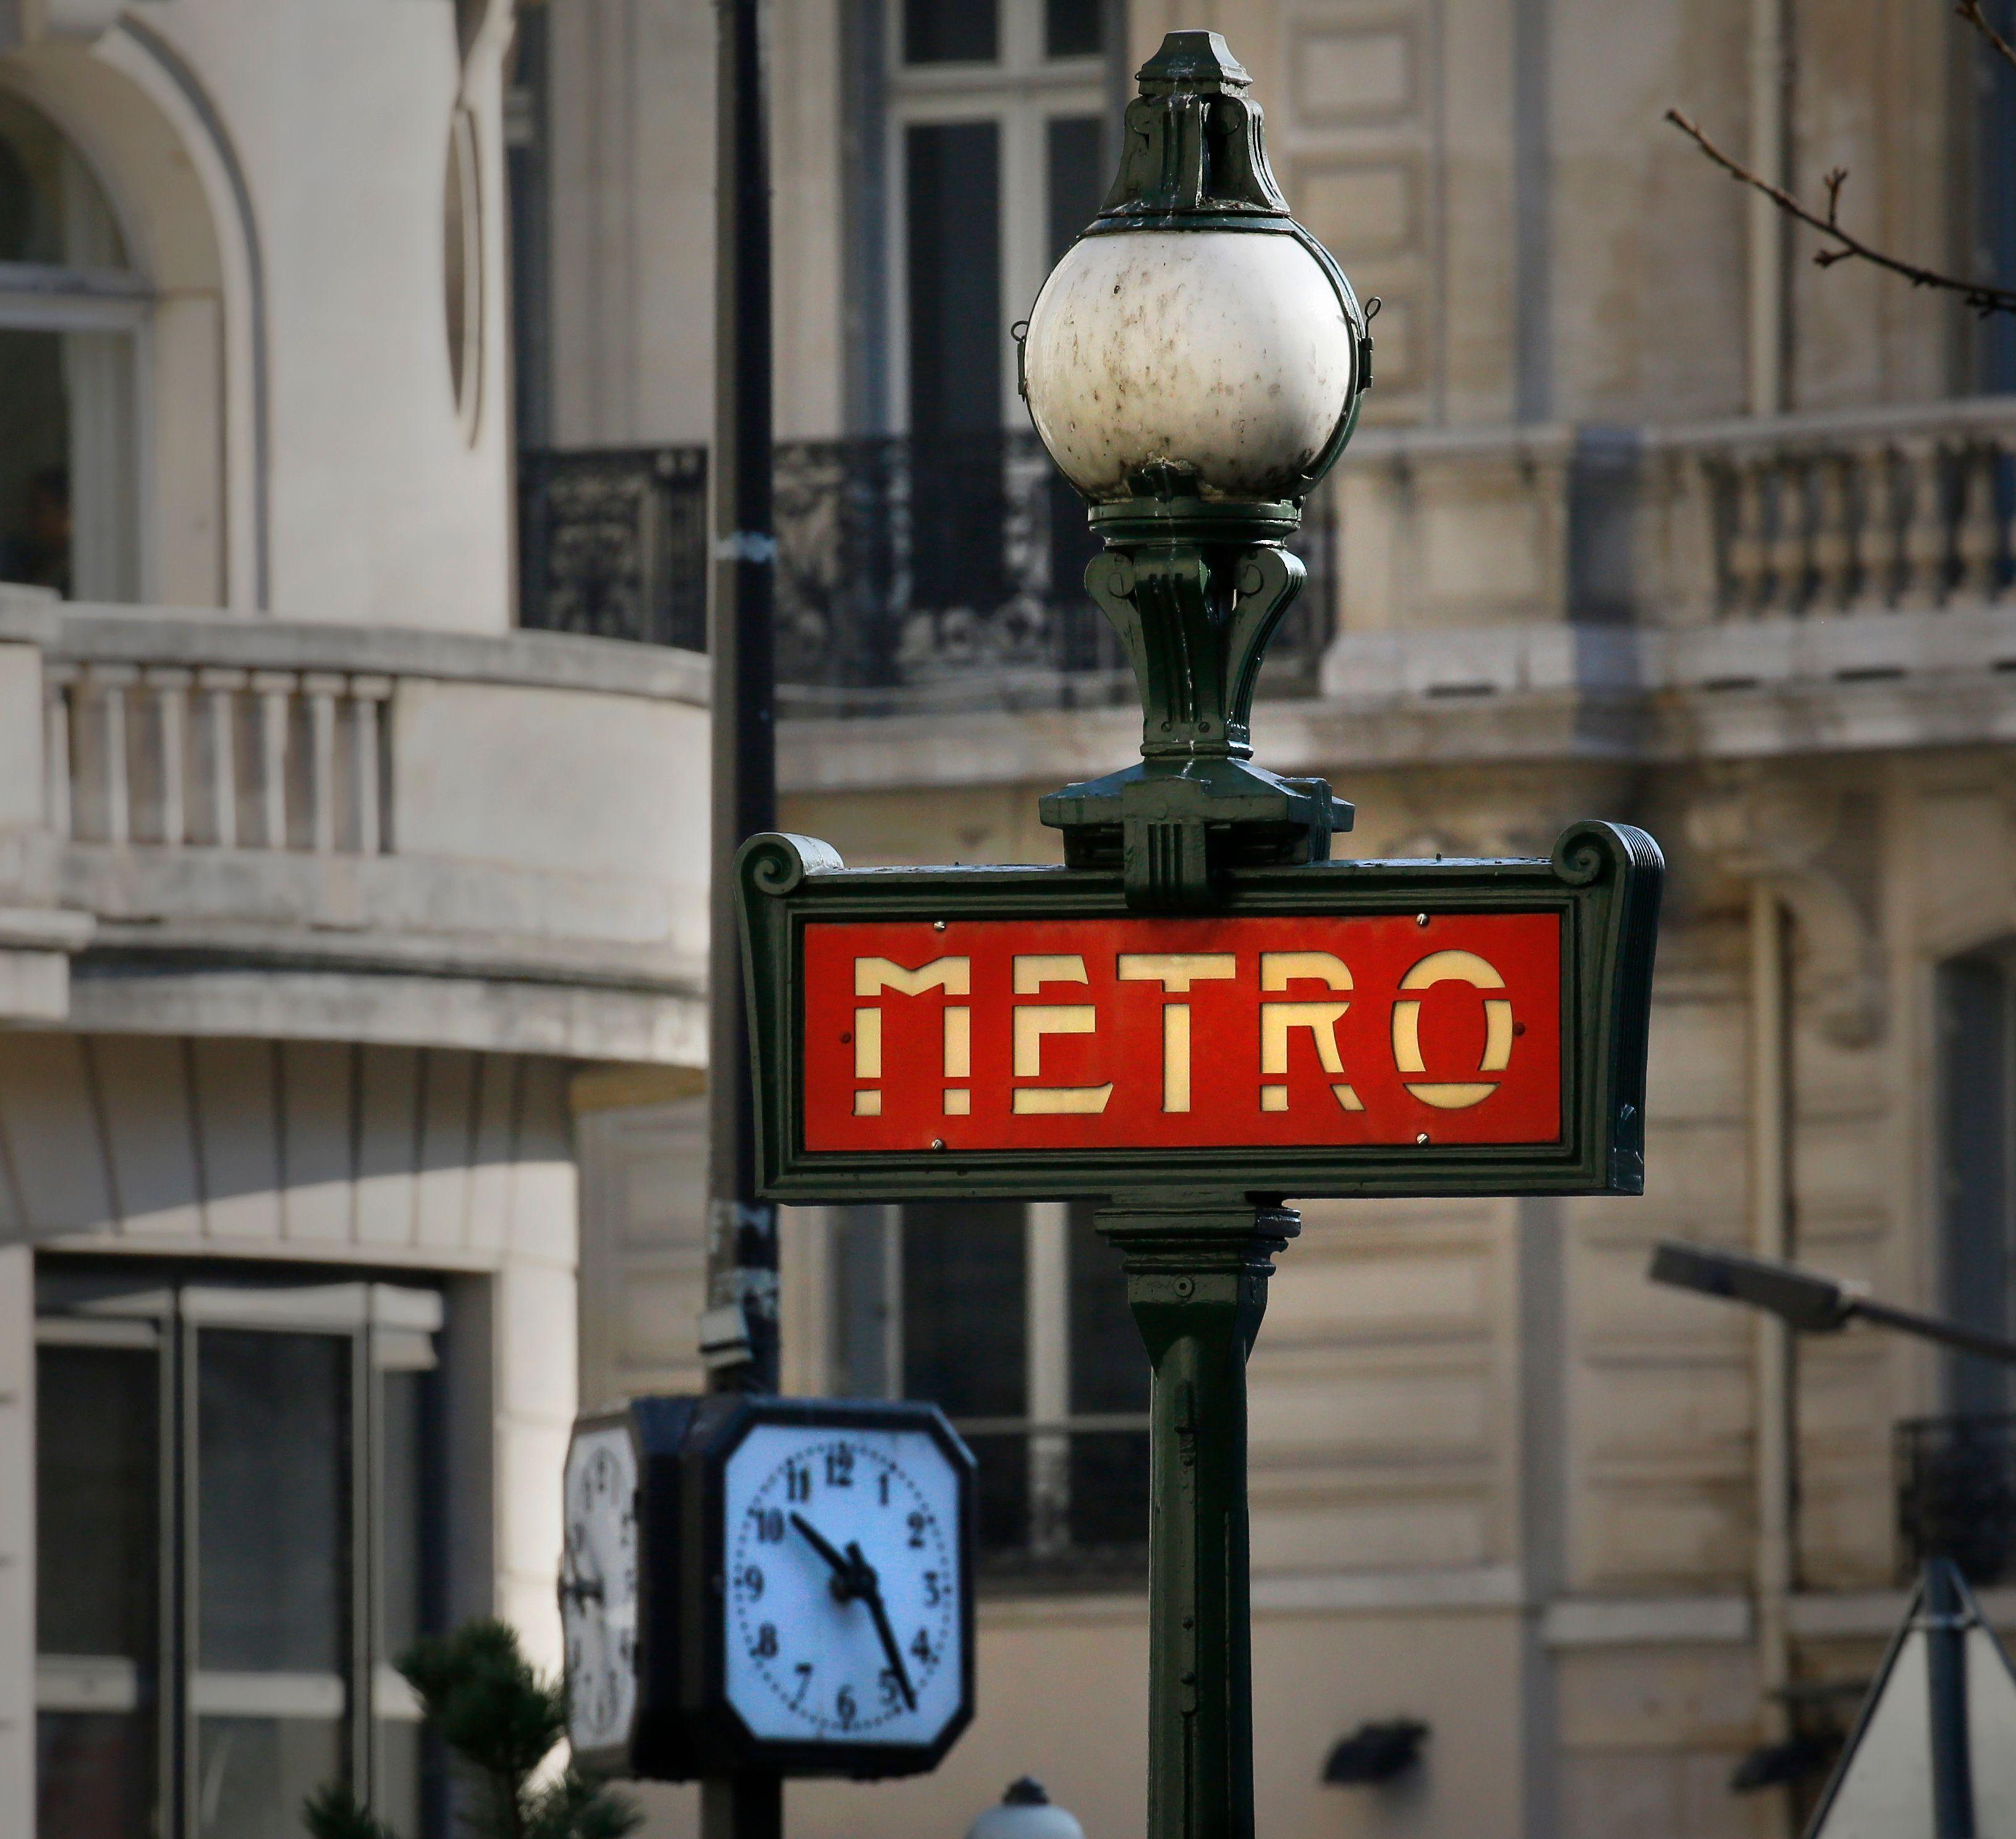 Paris : des métros ne veulent plus marquer l'arrêt en raison des violences